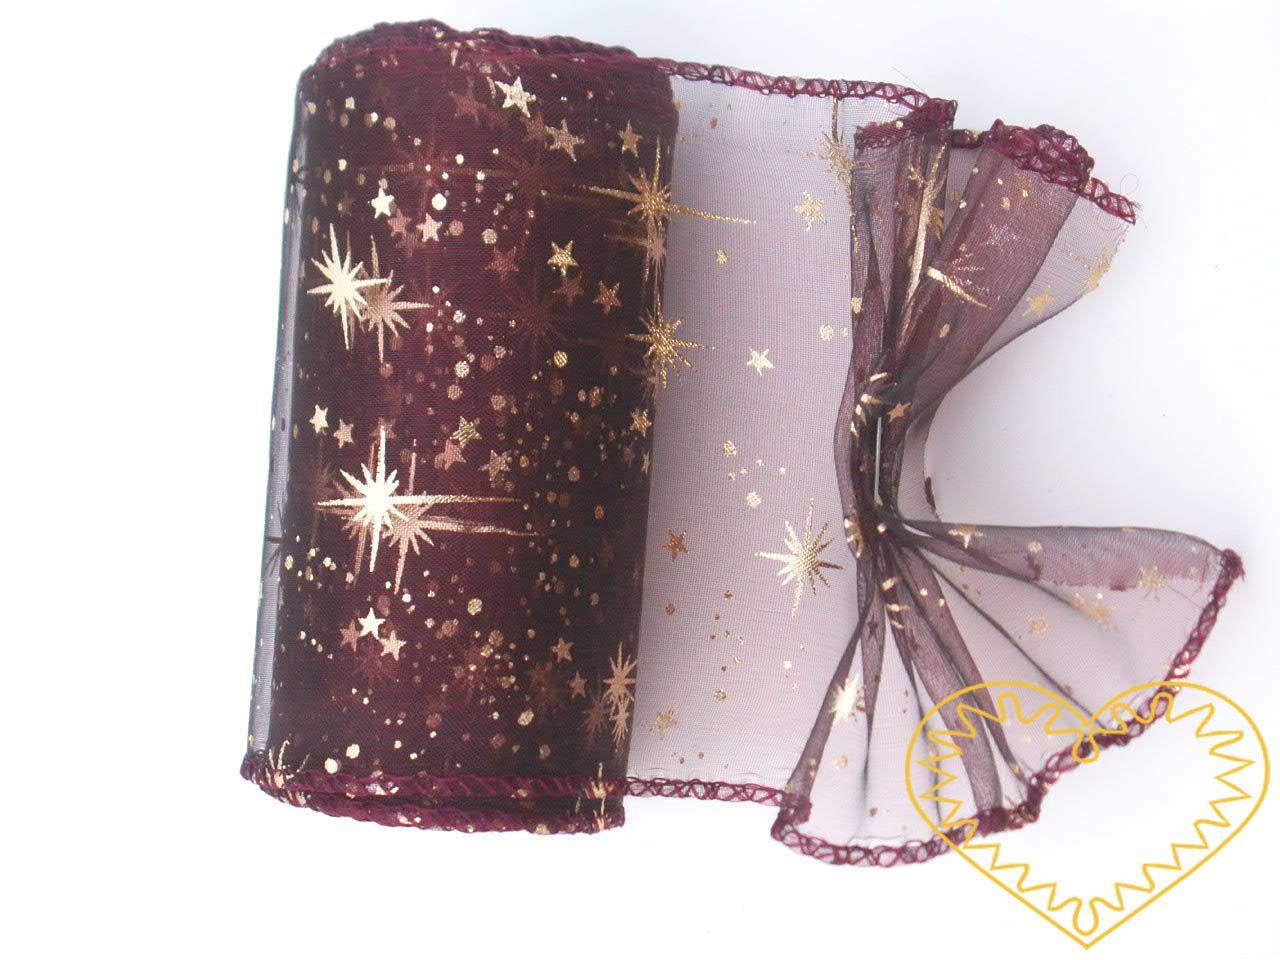 Organza bordó se zlatými hvězdičkami - šíře 10 cm, délka9,14 m, z obou stran obroubená. Organza má široké využítí - k dekoračním účelům, k šití, do květinových aranžmá, pro výzdobu slavnostní tabule, k balení dárků, jako mašle, na výrobu broží i dalš